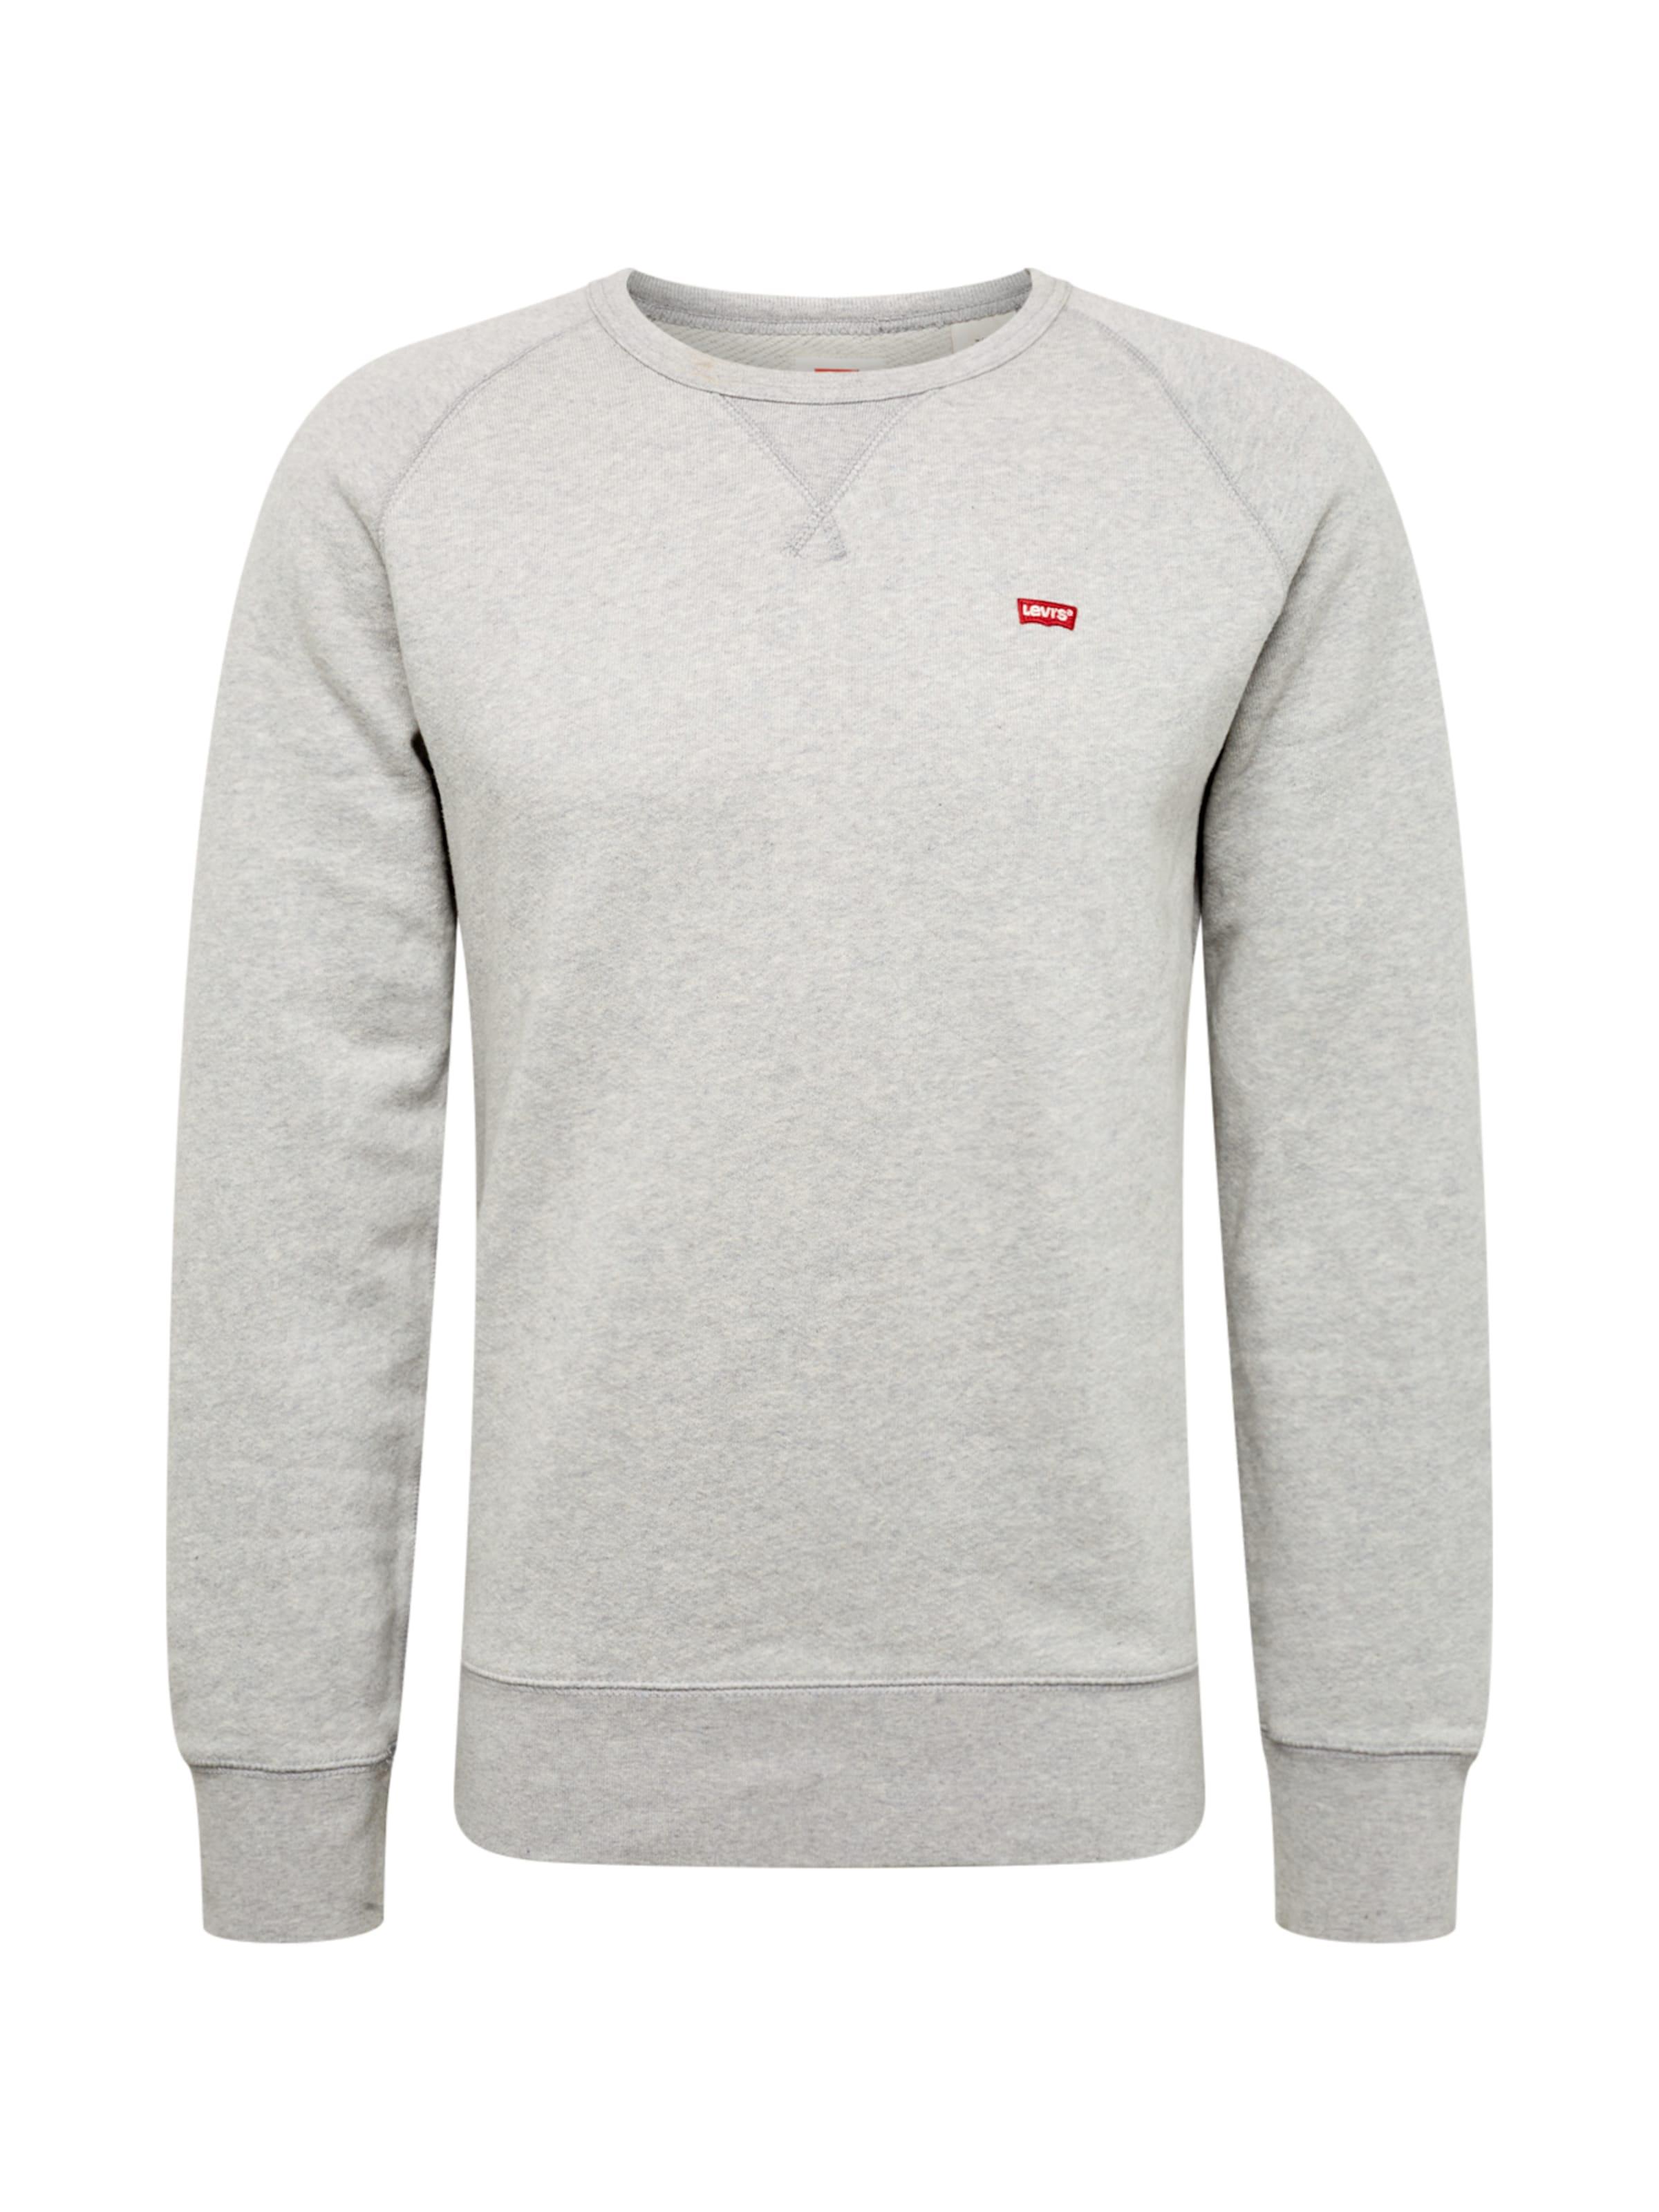 Gris Levi's 'original' shirt Sweat En WreQodBECx